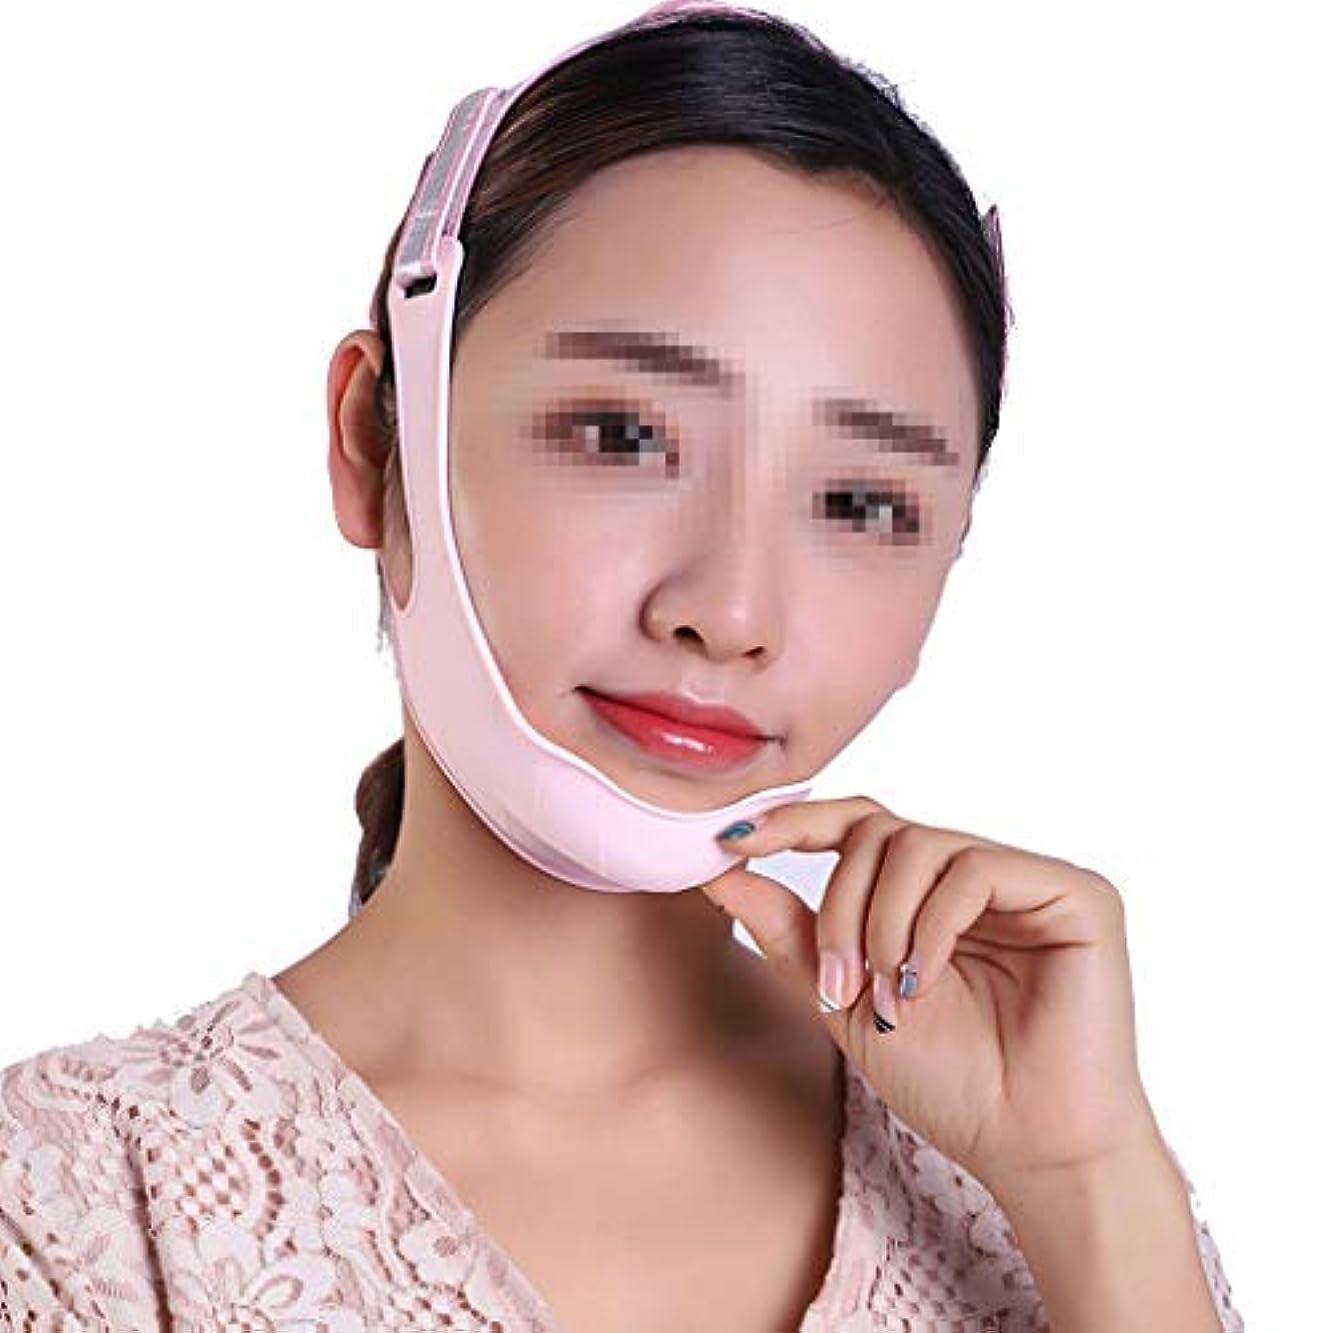 書道礼儀グローバルシリコーンフェイスマスク、小さなv顔薄い顔包帯持ち上がる顔引き締めアーティファクトマッサージ師スキニーフェイス美容バー